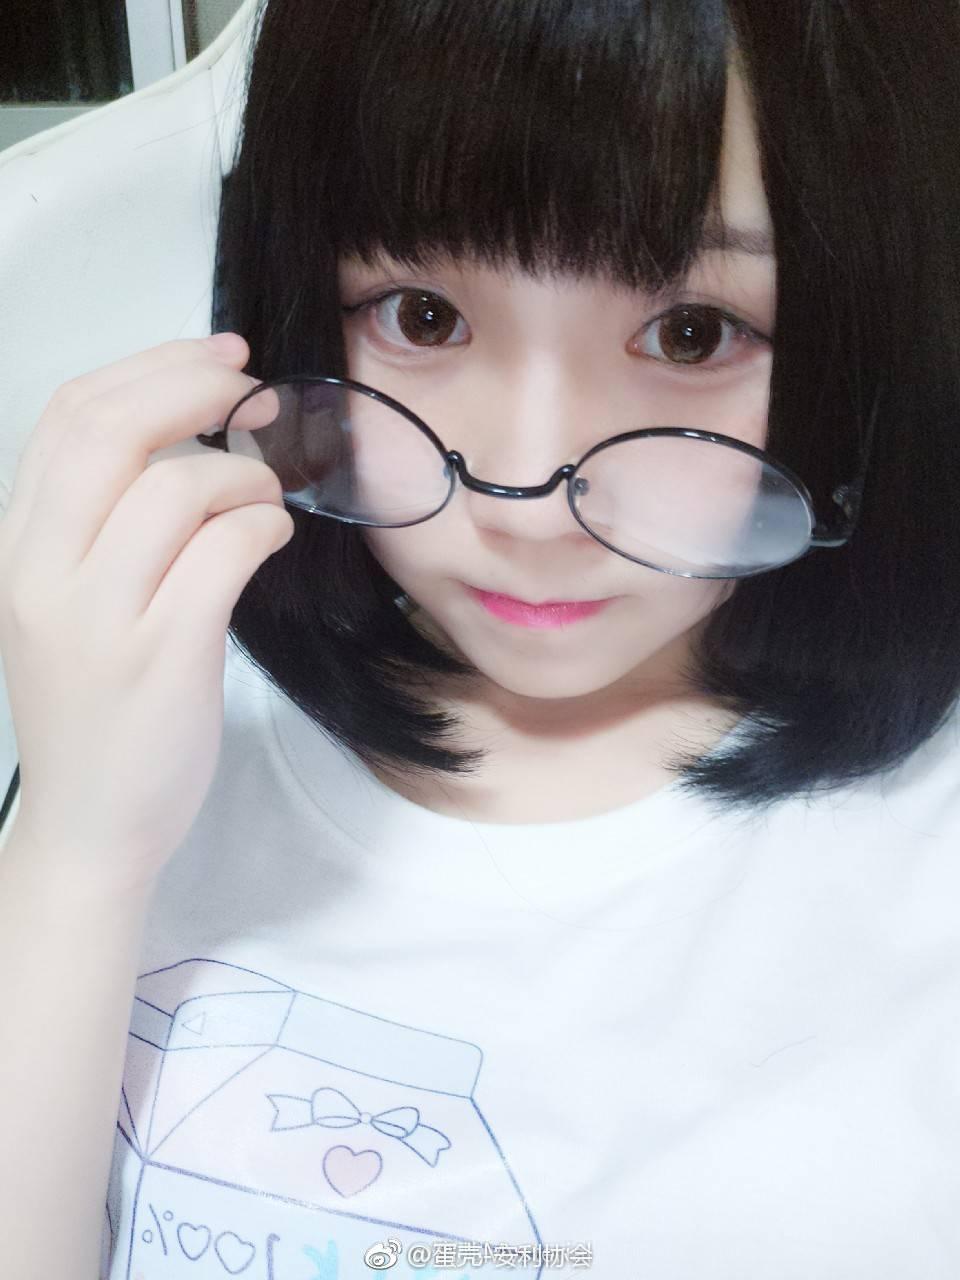 安利一波萌萌哒眼镜少女 素人自拍-第8张